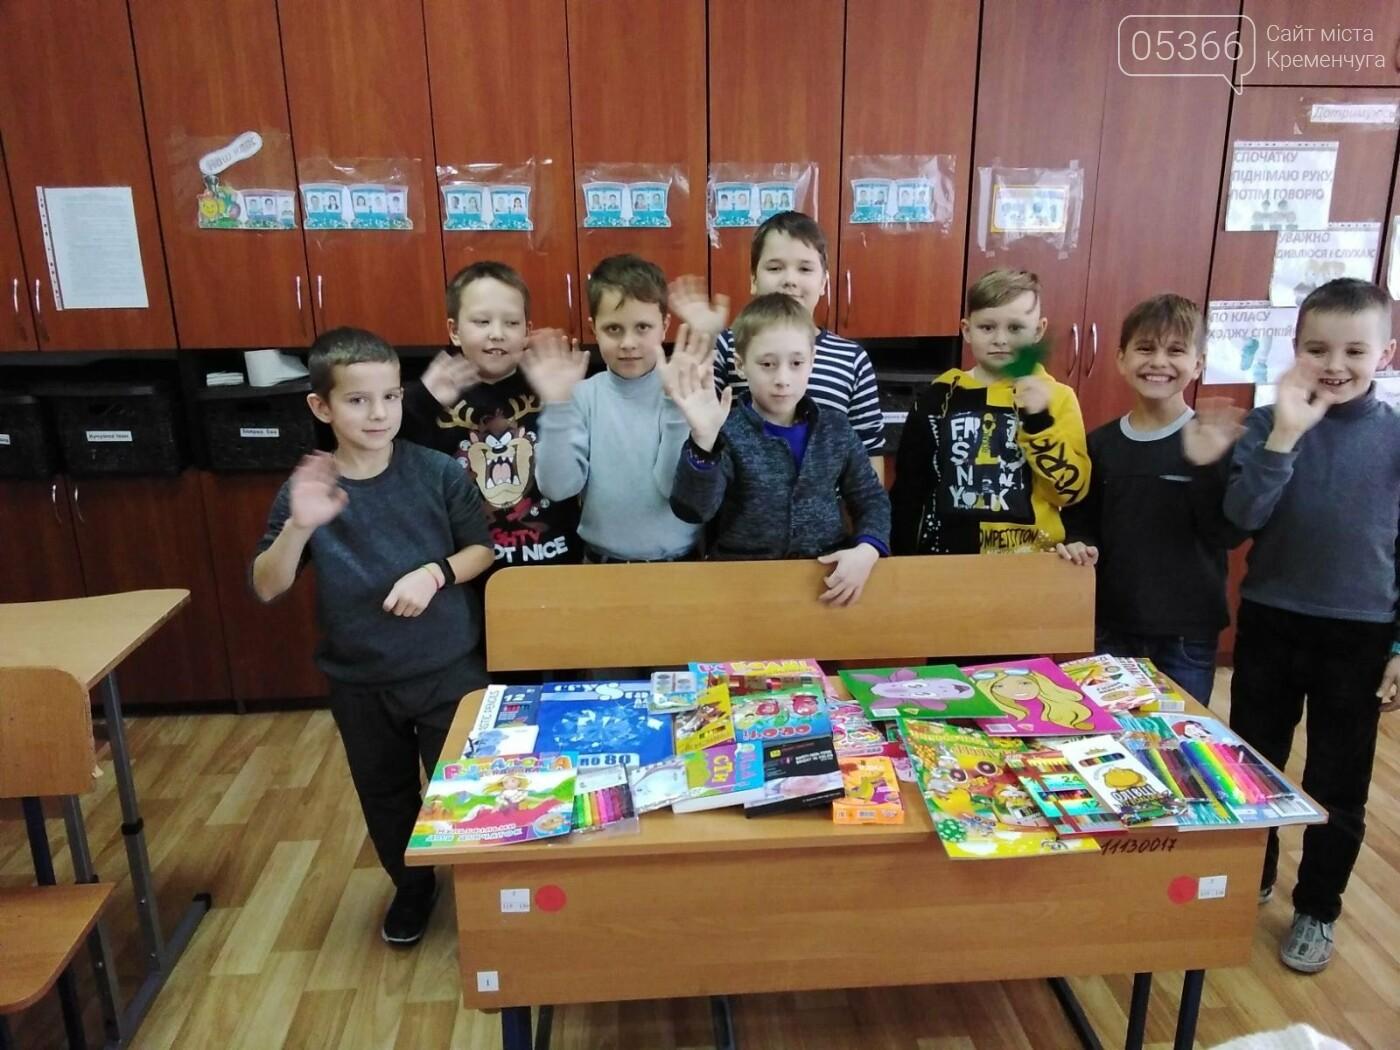 """Кременчуцькі учні зібрали """"Коробки хоробрості"""" для онкохворих, фото-4"""